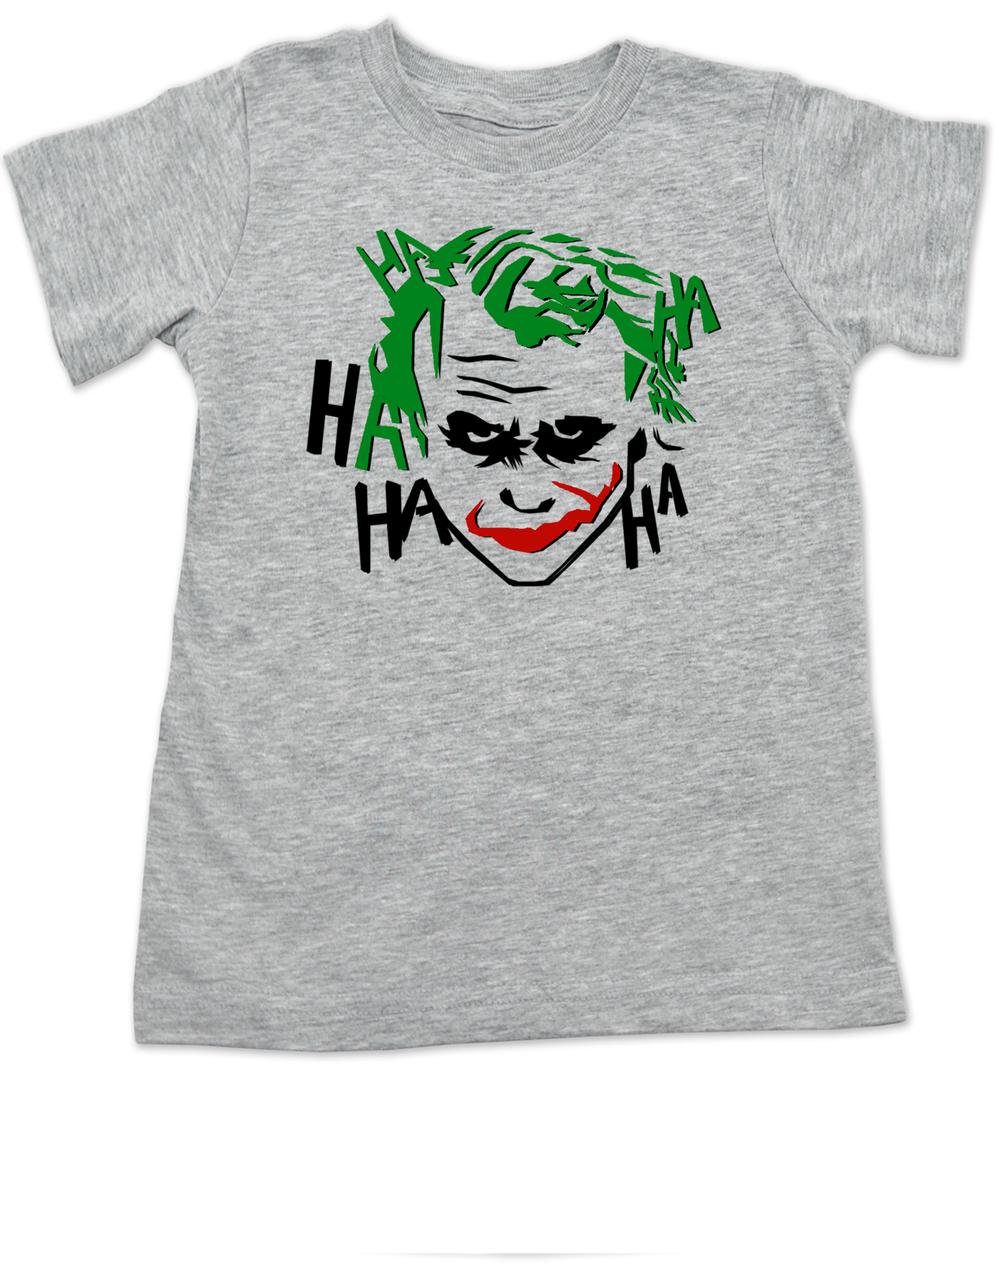 ec73b466a The Joker toddler shirt, Joker Halloween toddler t-shirt, batman joker toddler  shirt